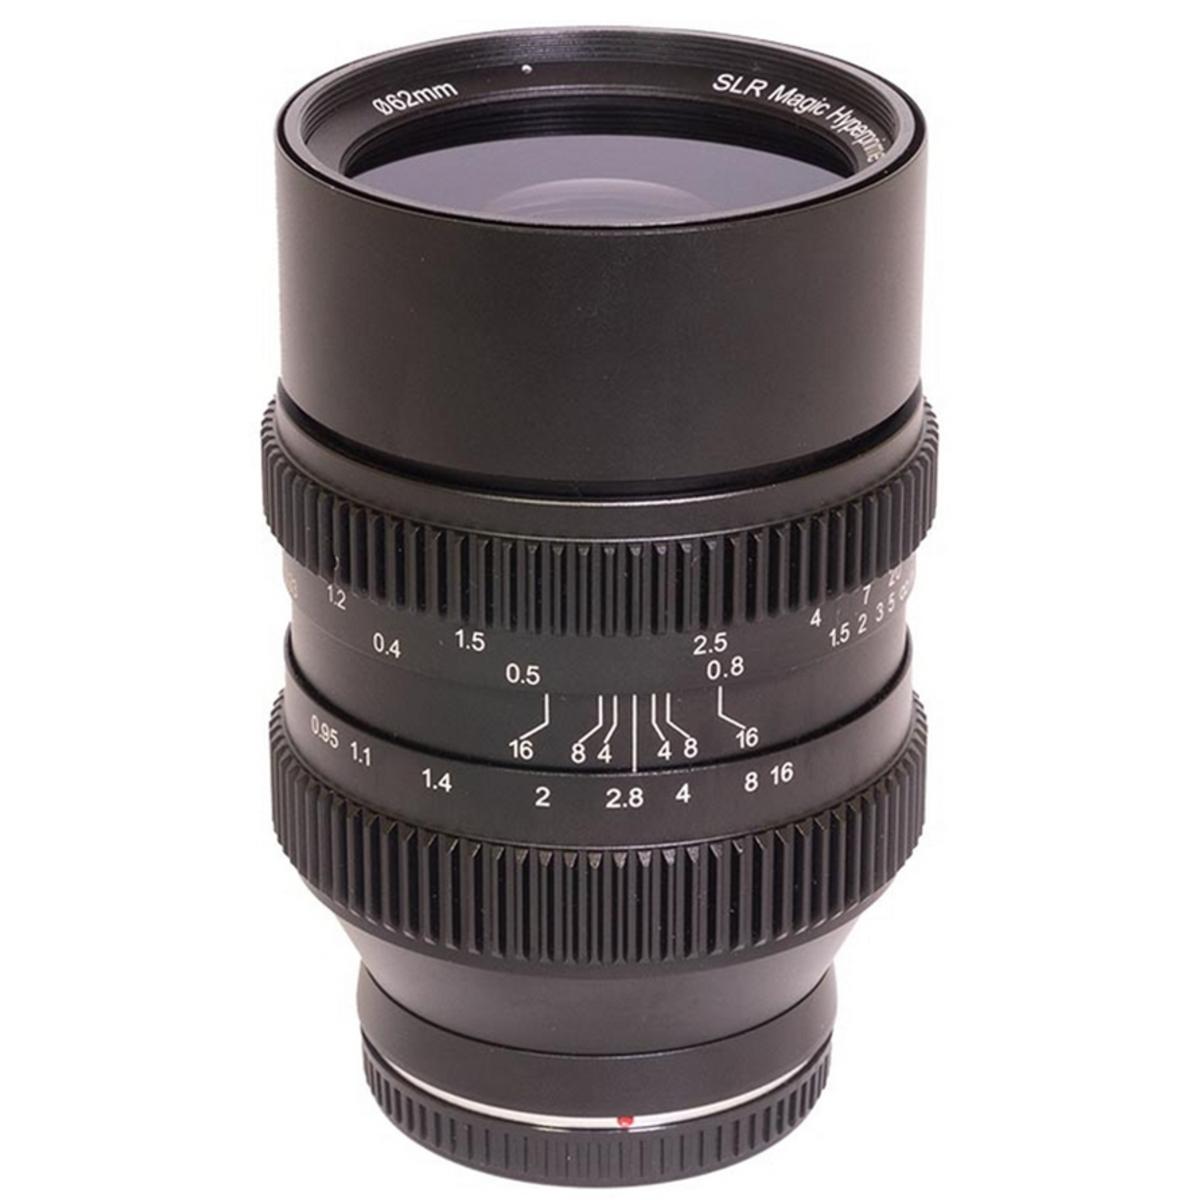 SLR Magic HyperPrime CINE II 35mm T0 95 (mFT Mount*)